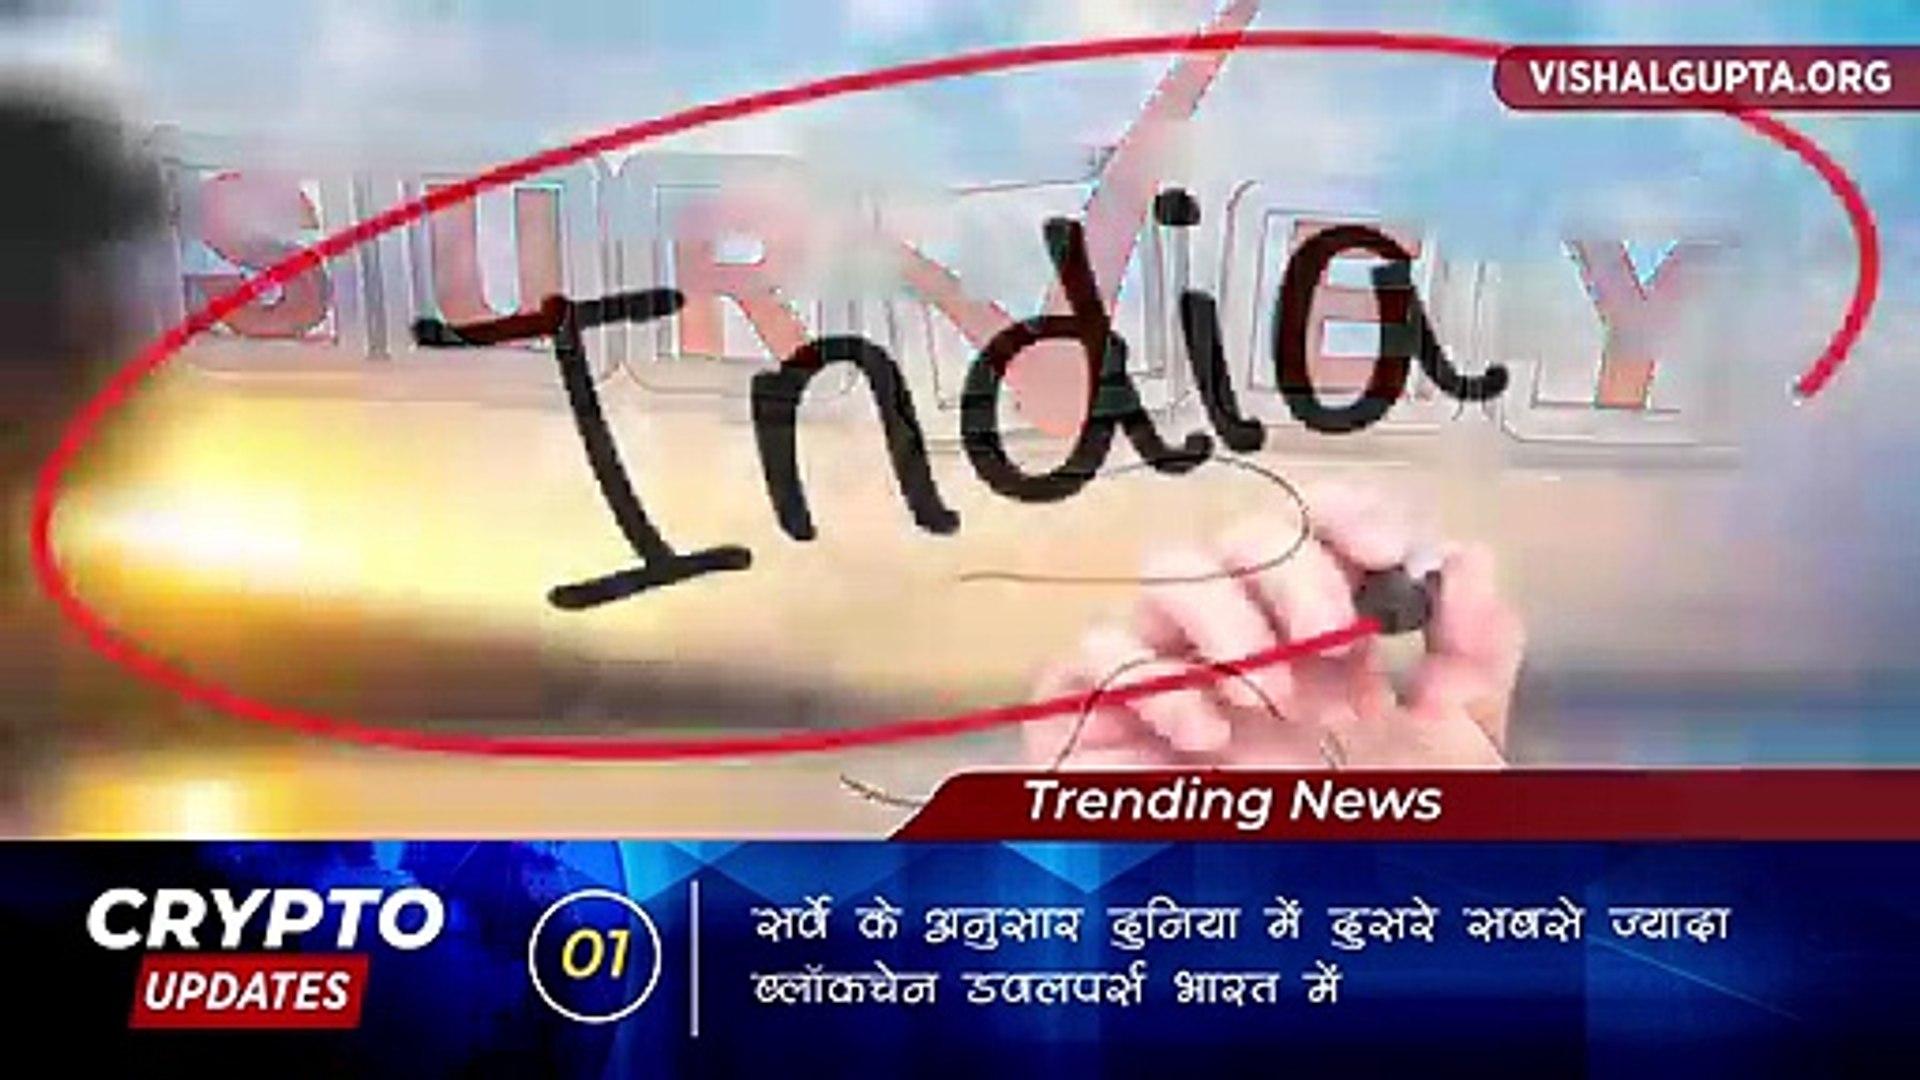 Hindi   Crypto Updates #24 - Blockchain Developers, Crypto Fall, Election Crypto, Autodesk CEO